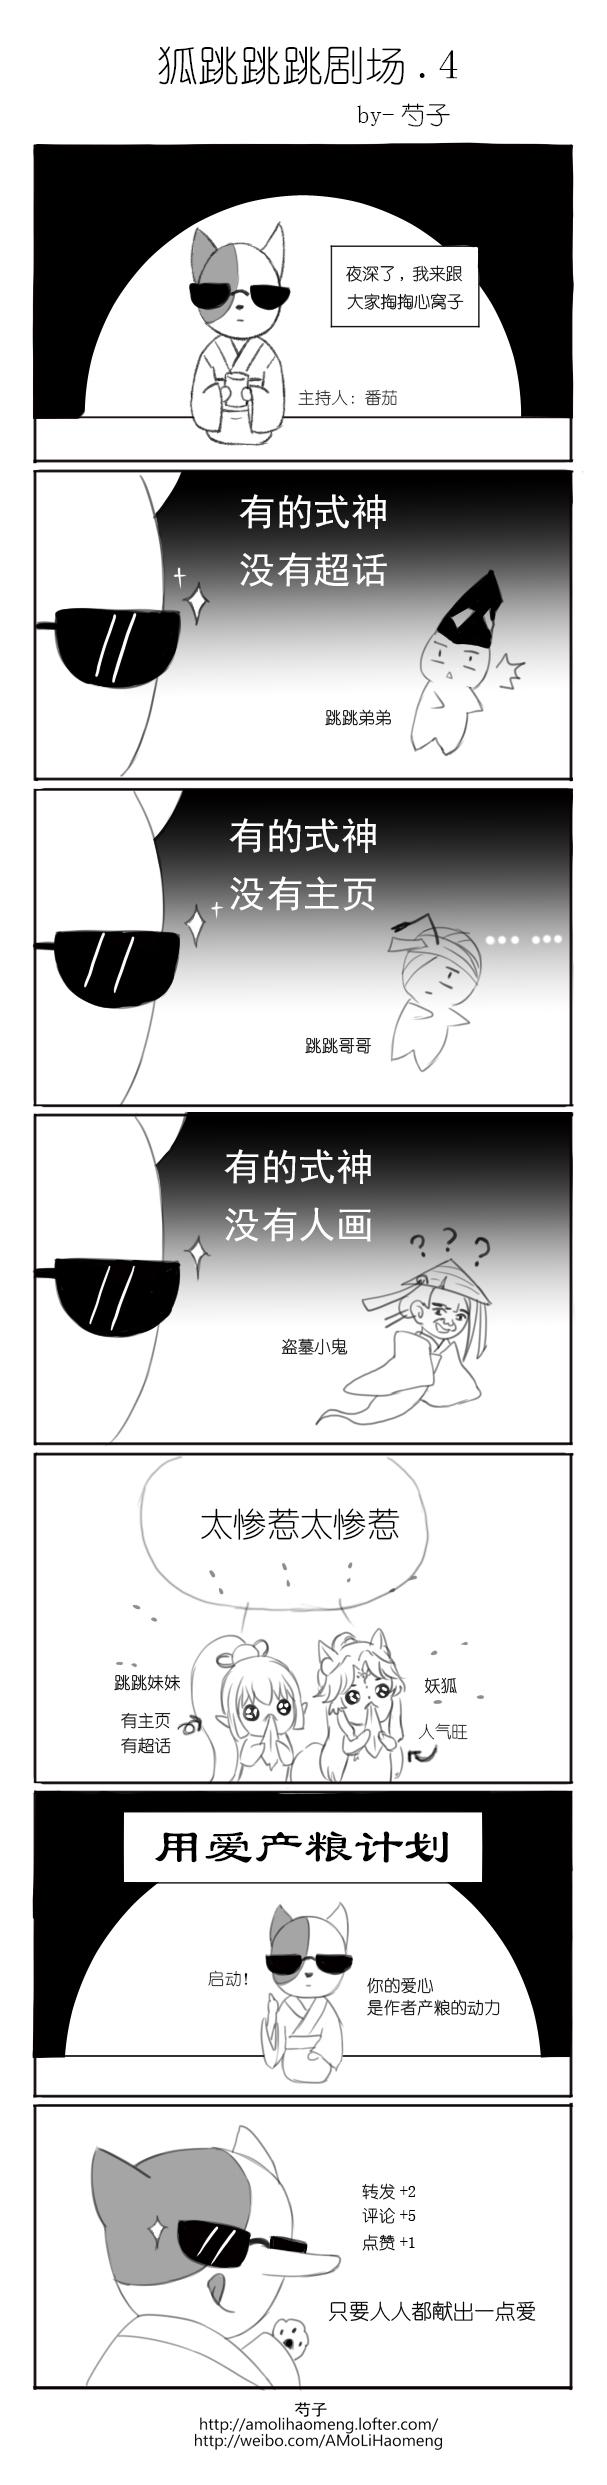 跳跳妹妹2018-5-7(1).jpg